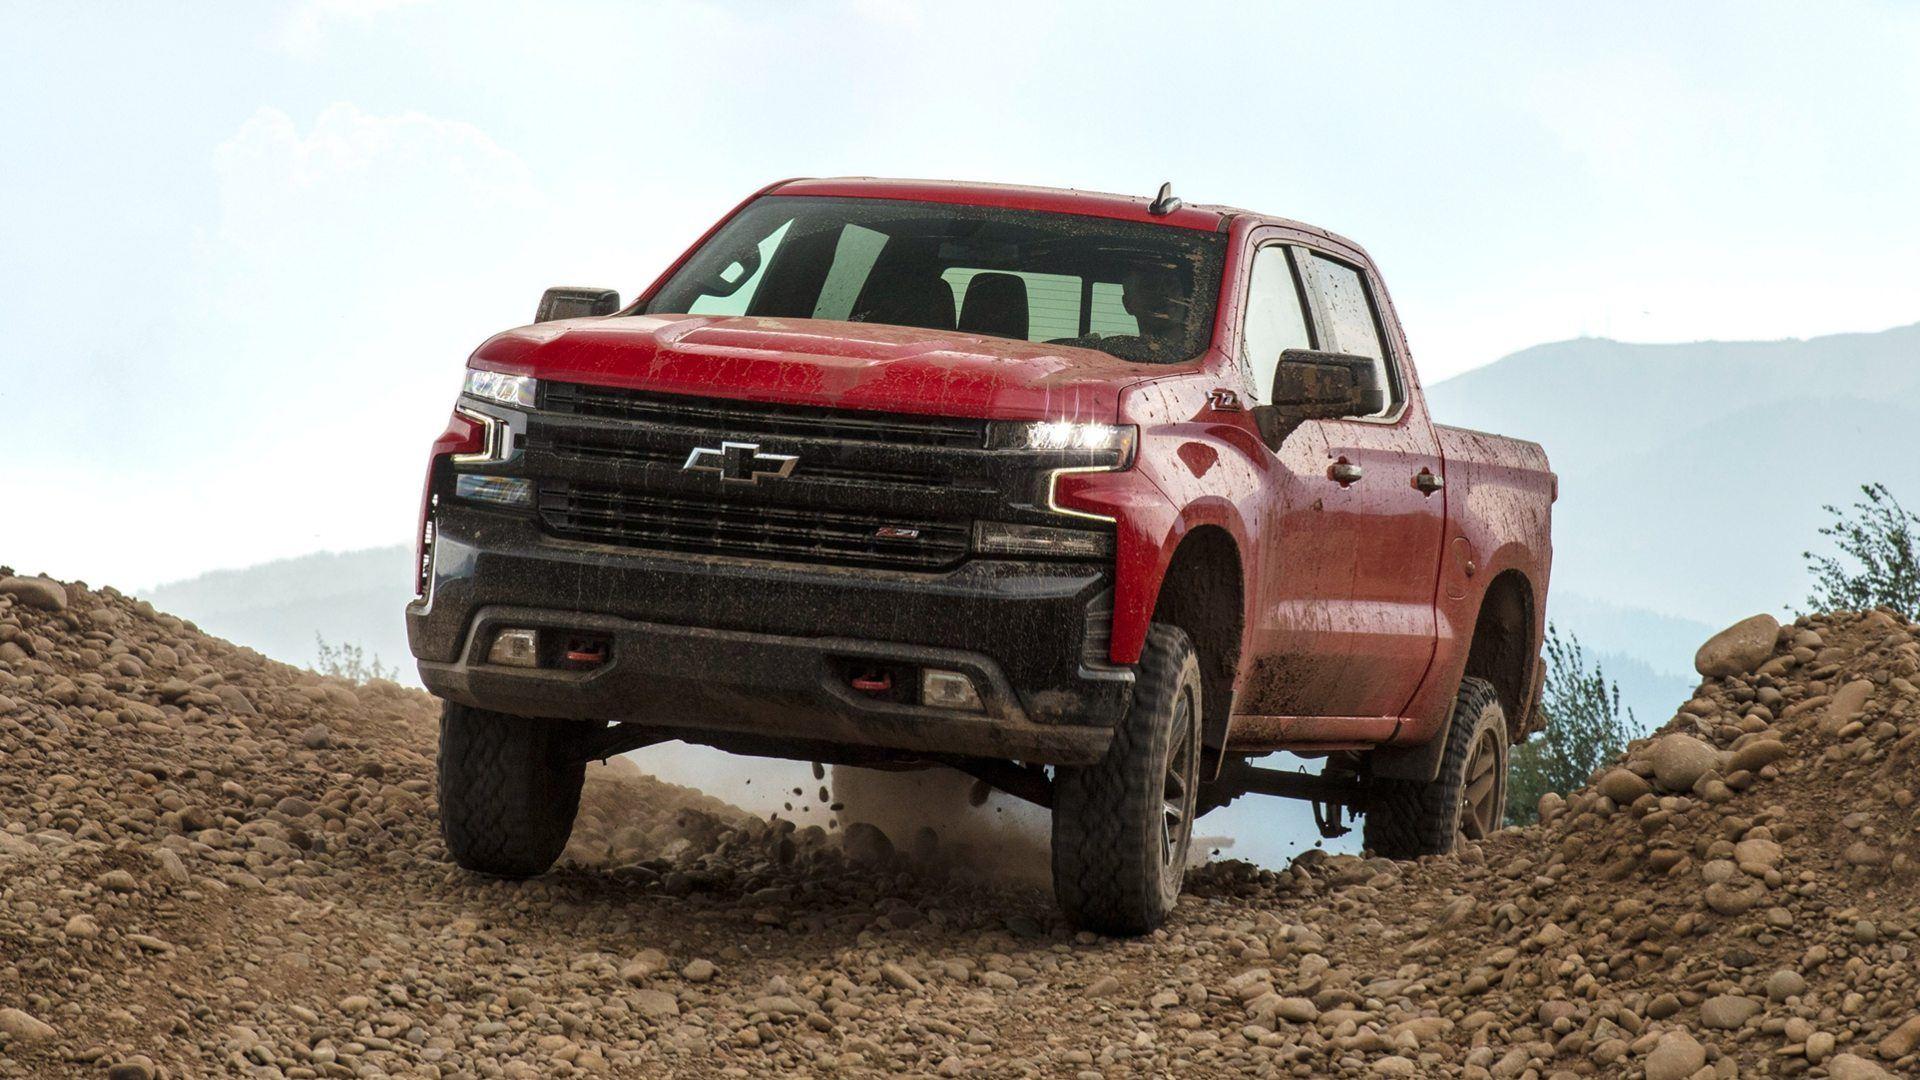 General Motors realiza una llamada a revisión a 900.000 vehículos